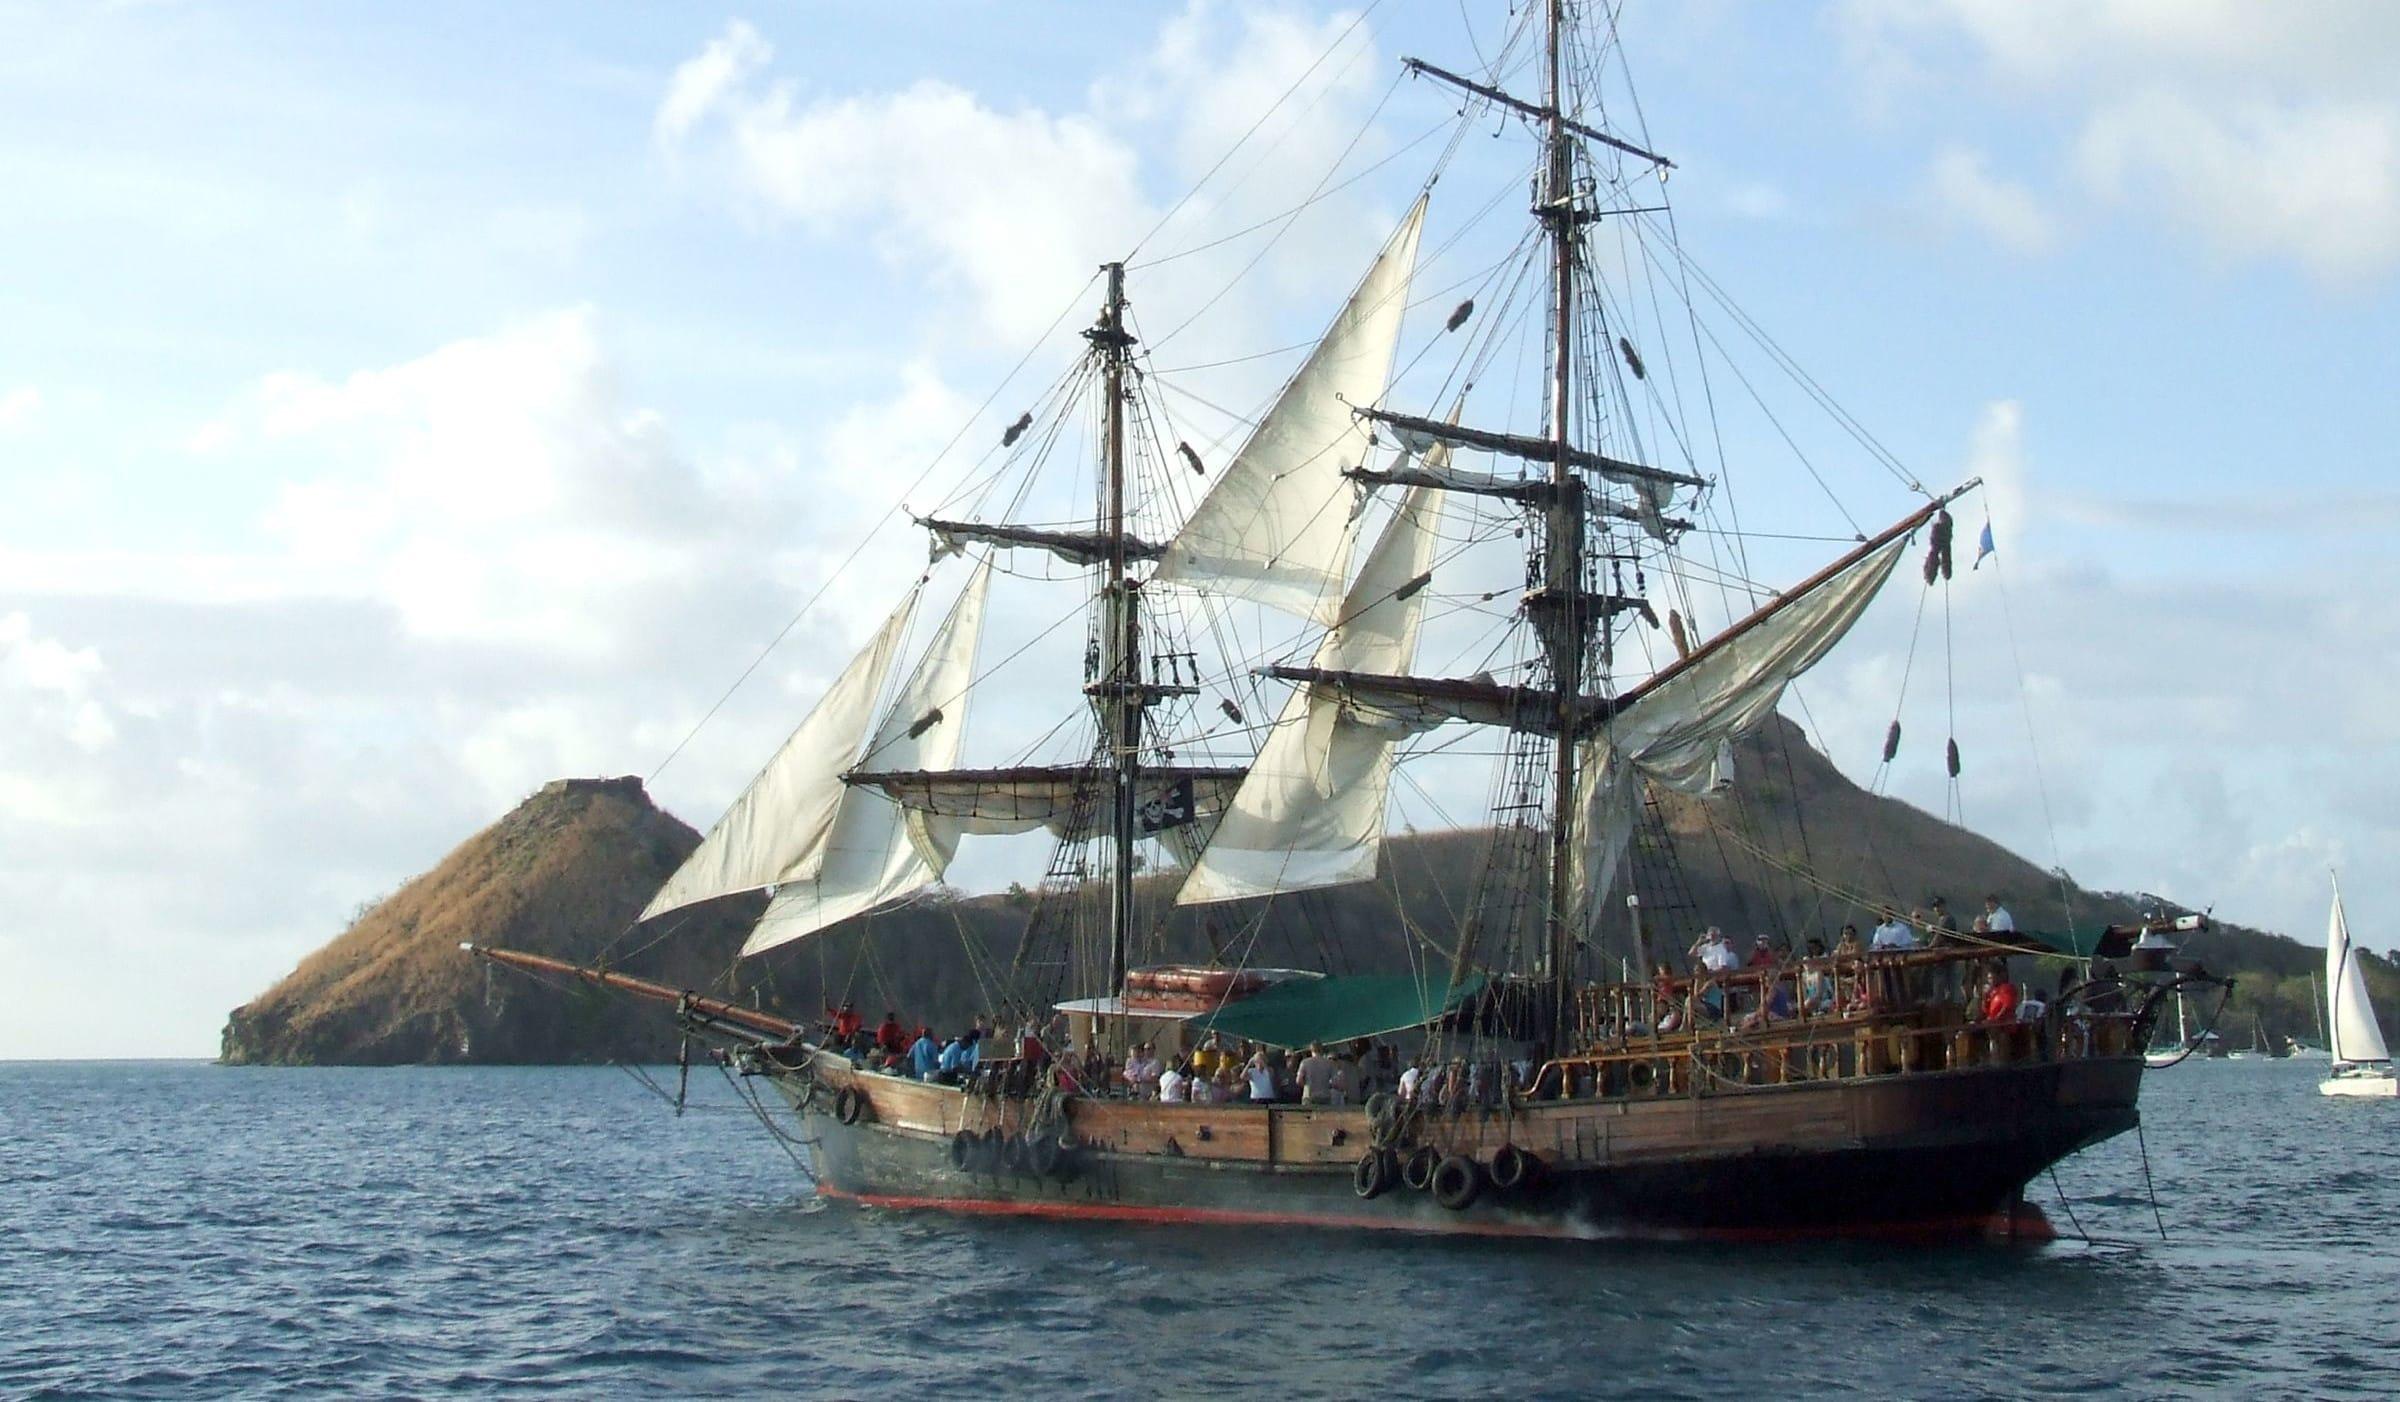 Uncommon Attraction The Brig Unicorn Pirate Ship St Lucia